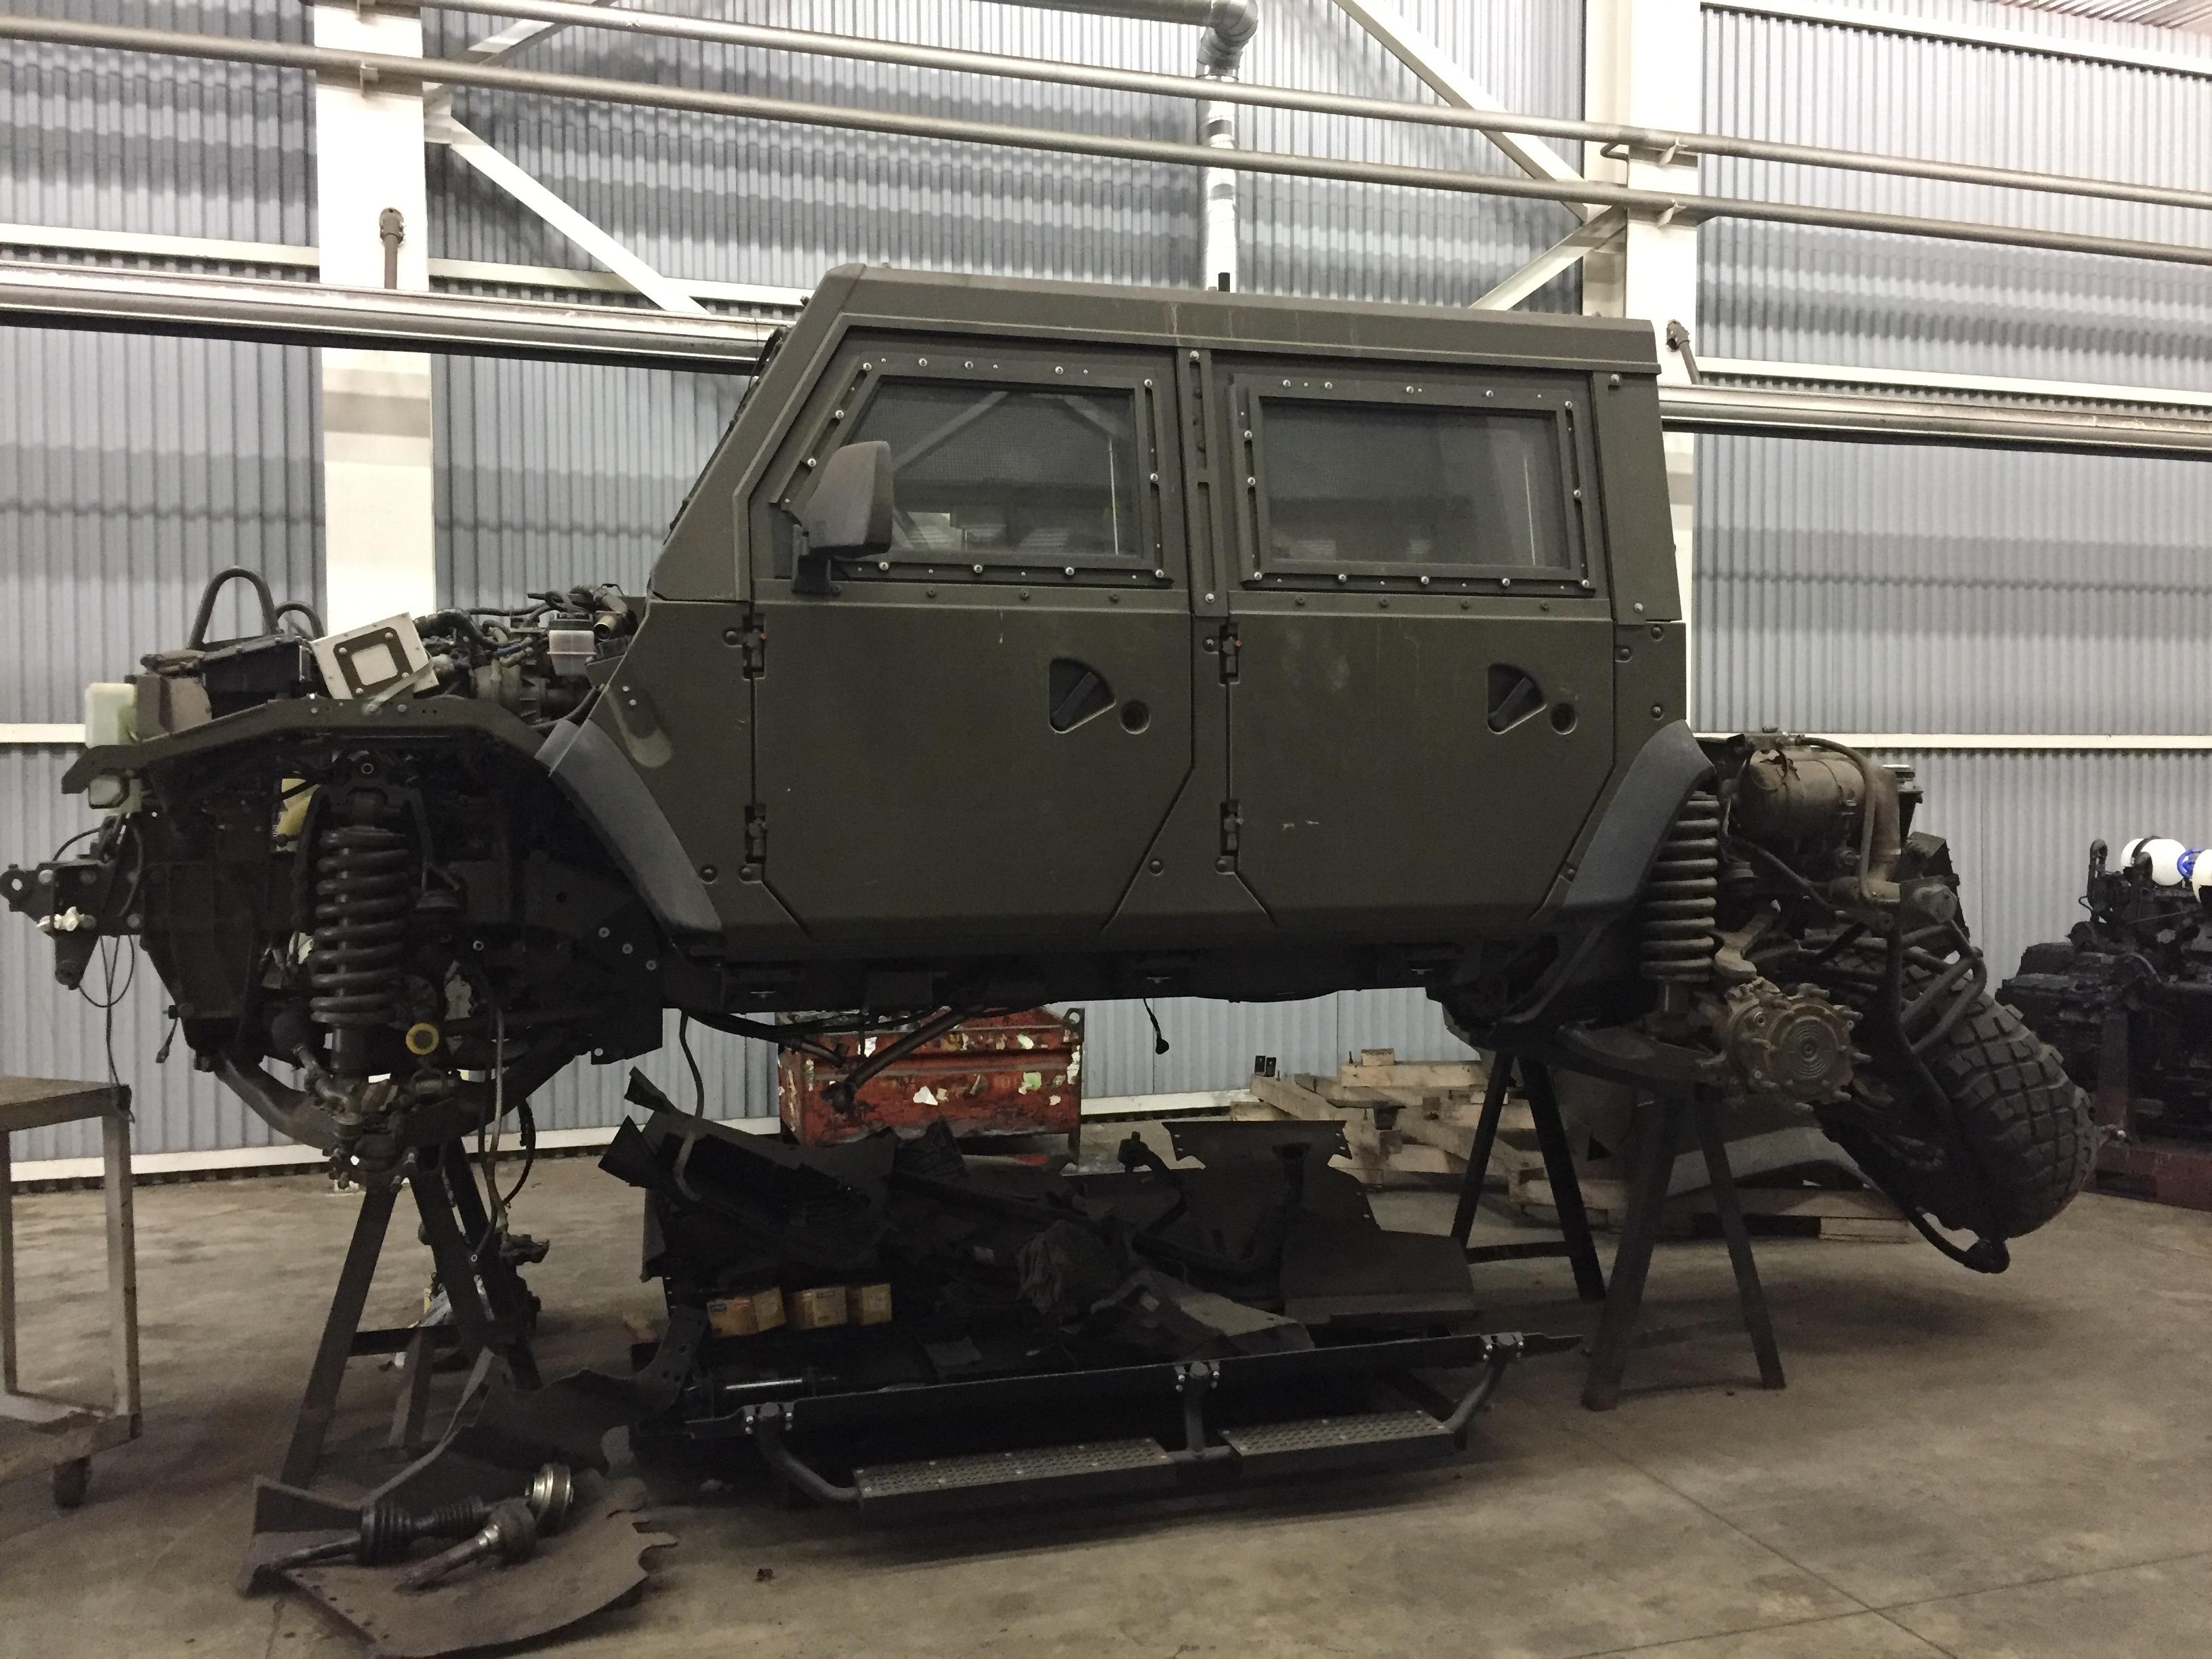 """Мечта моделиста: бронеавтомобиль """"Рысь"""" в деталях"""